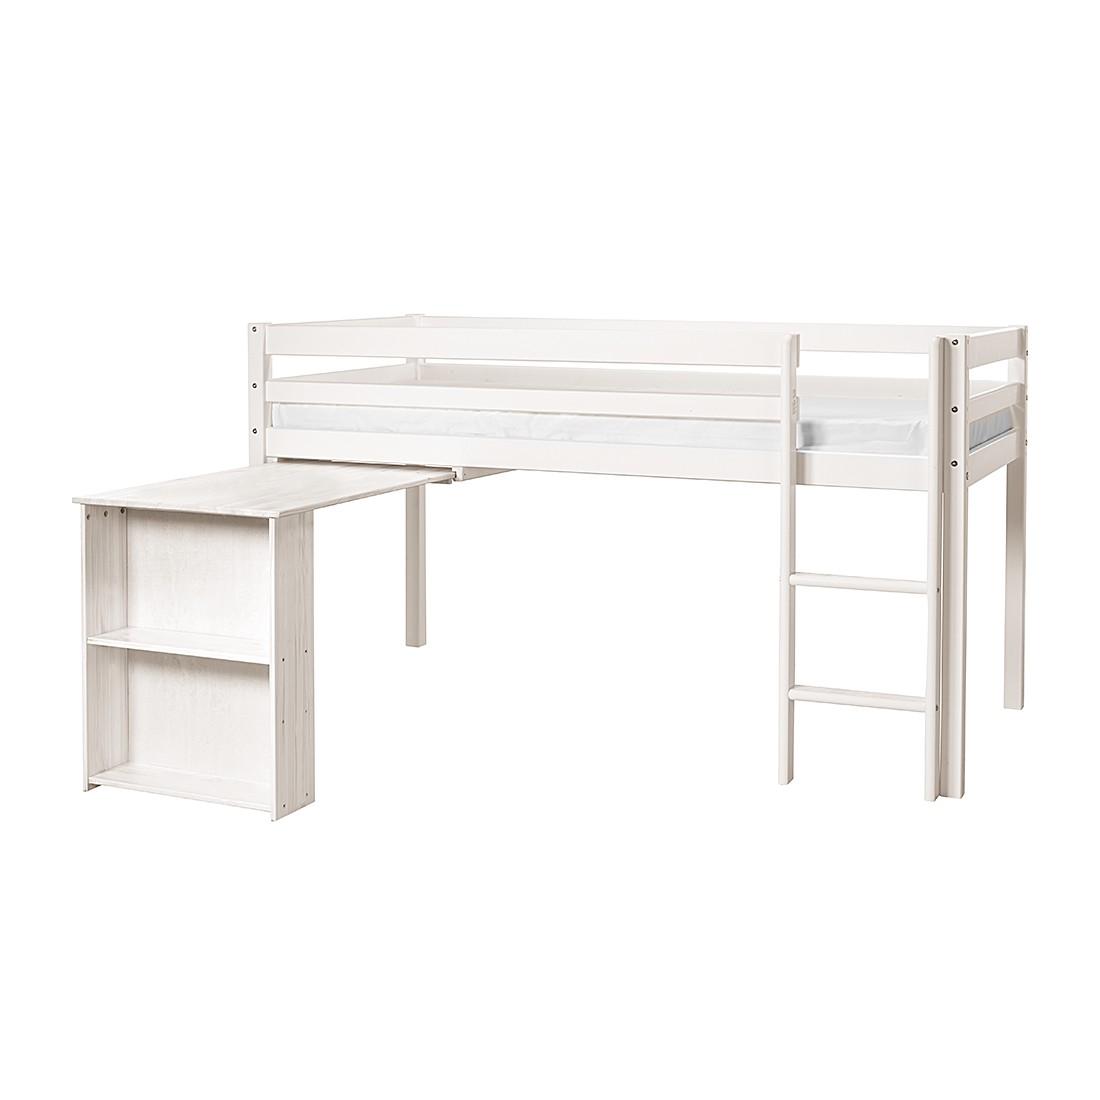 halbhochbett mit schreibtisch halbhochbett charly mit schreibtisch kaufen halbhochbett moby. Black Bedroom Furniture Sets. Home Design Ideas